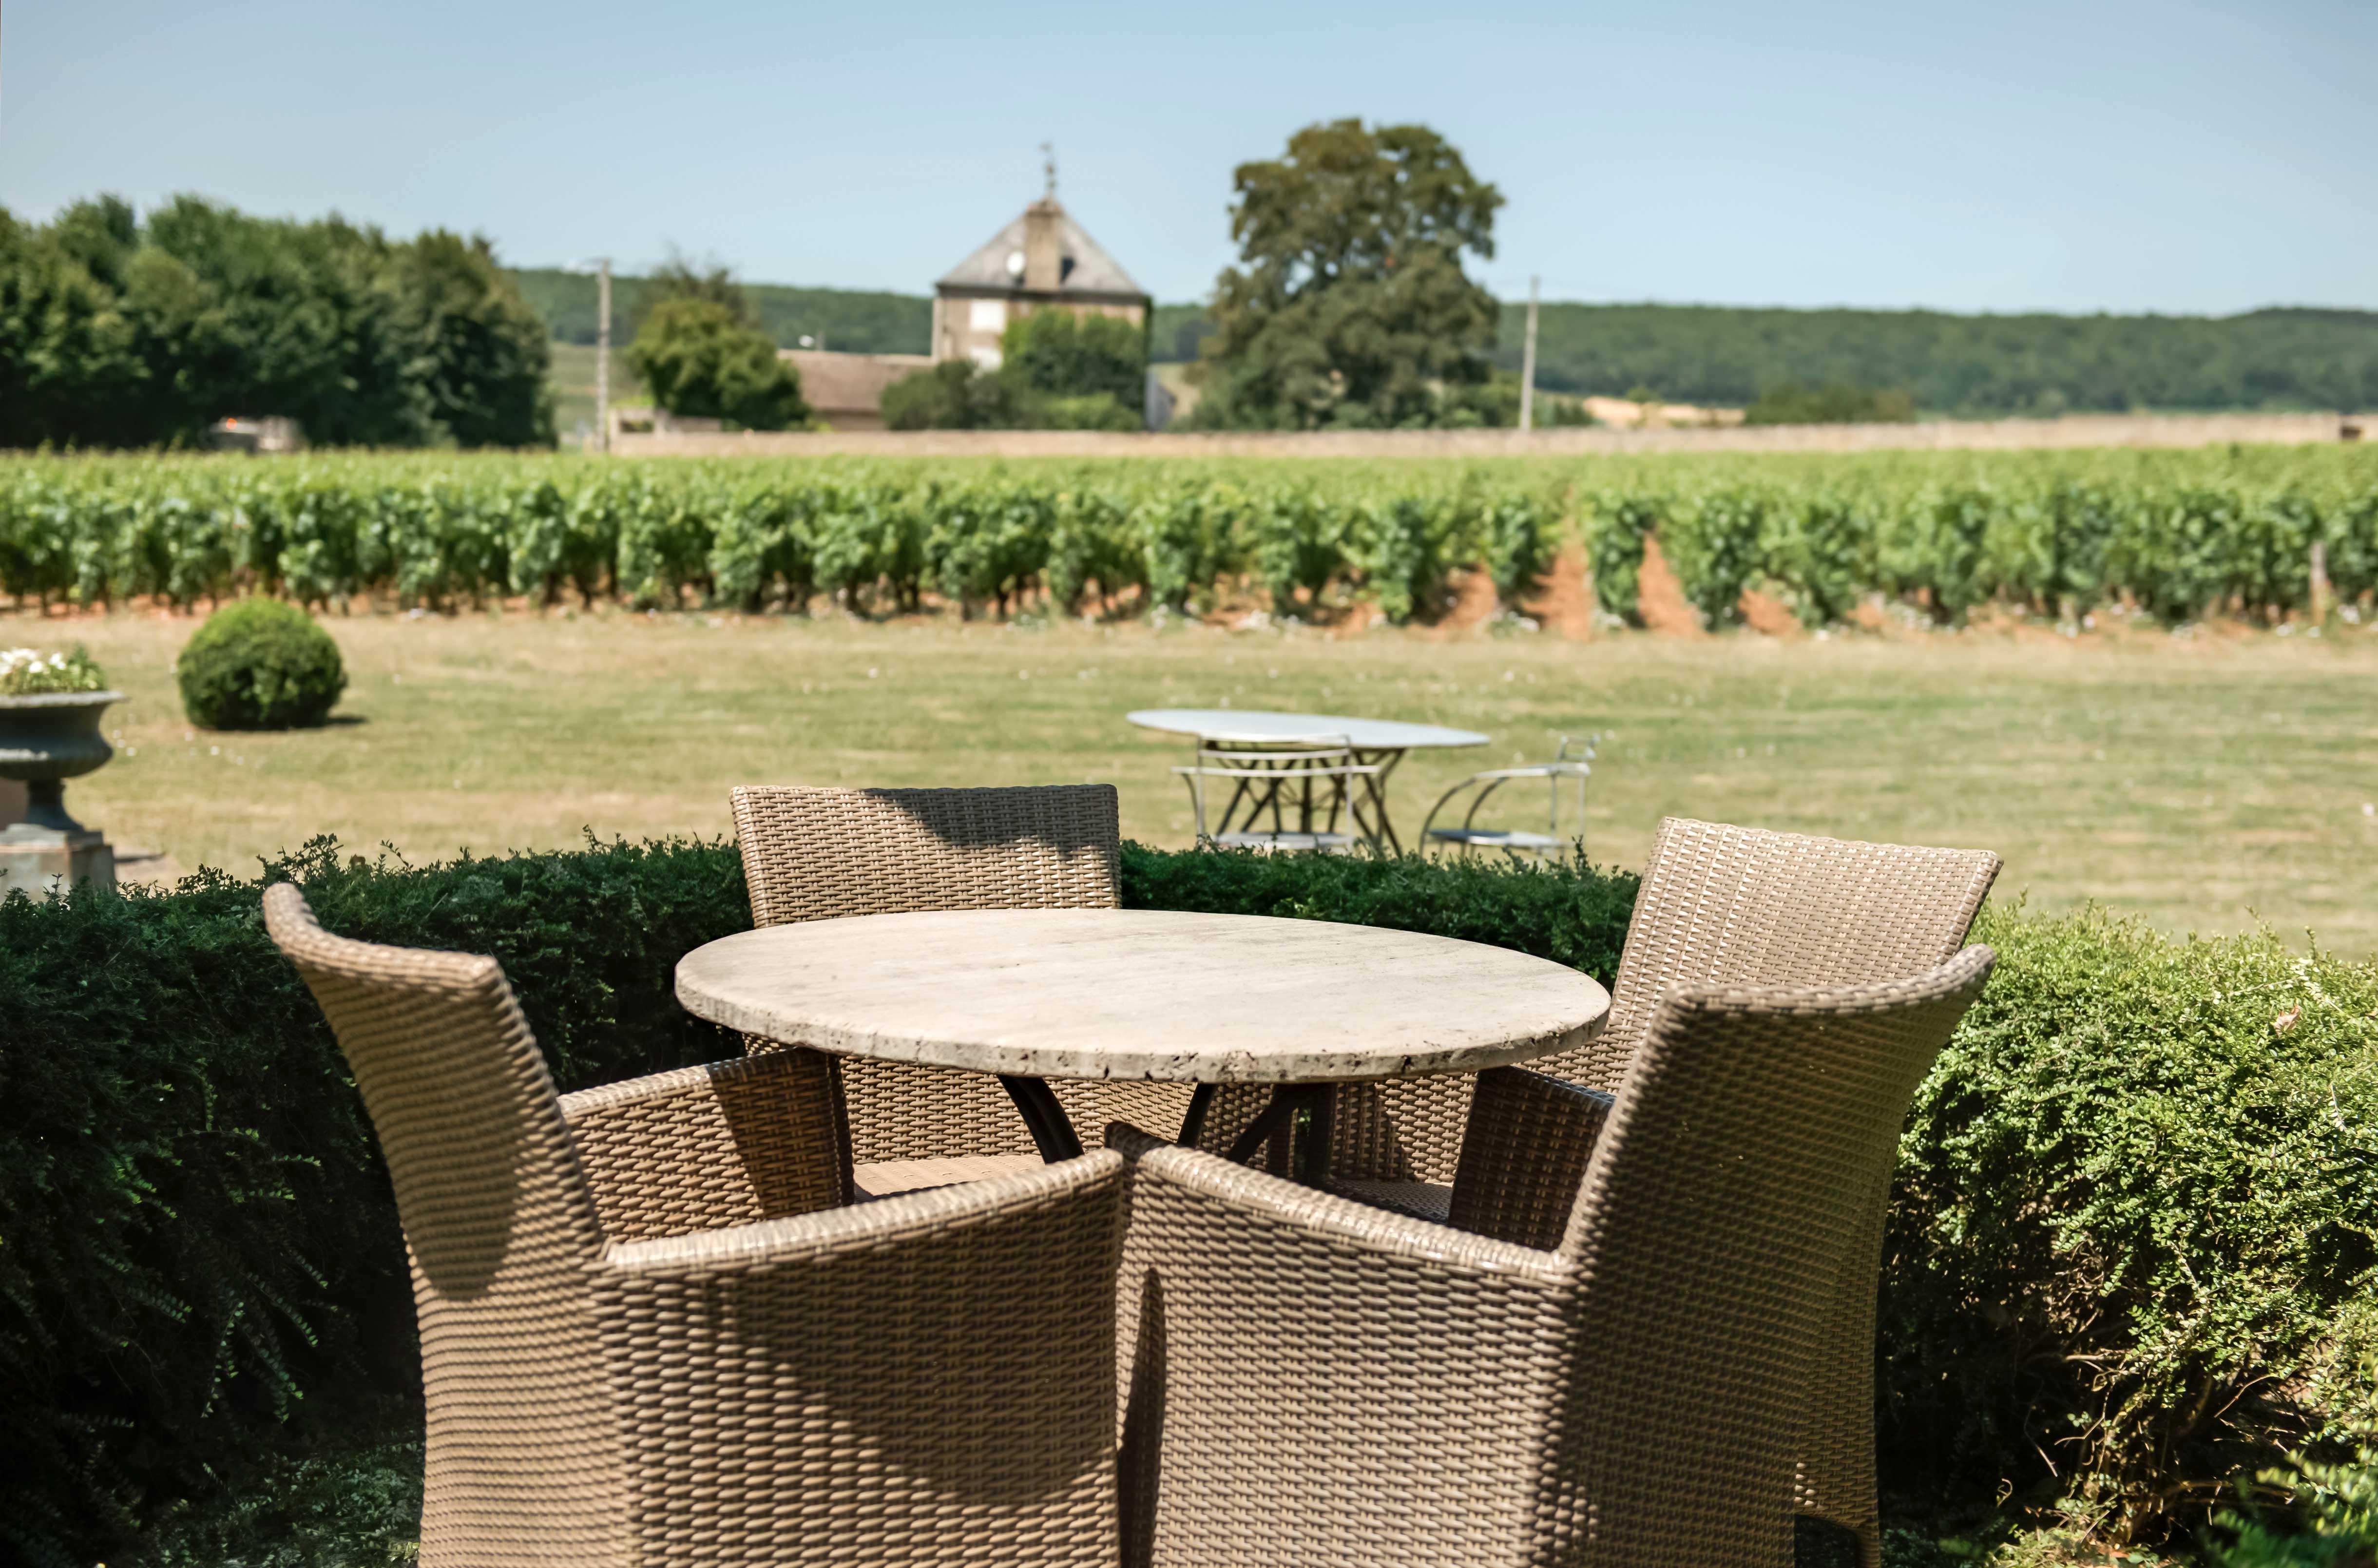 salon de jardin face à des vignes